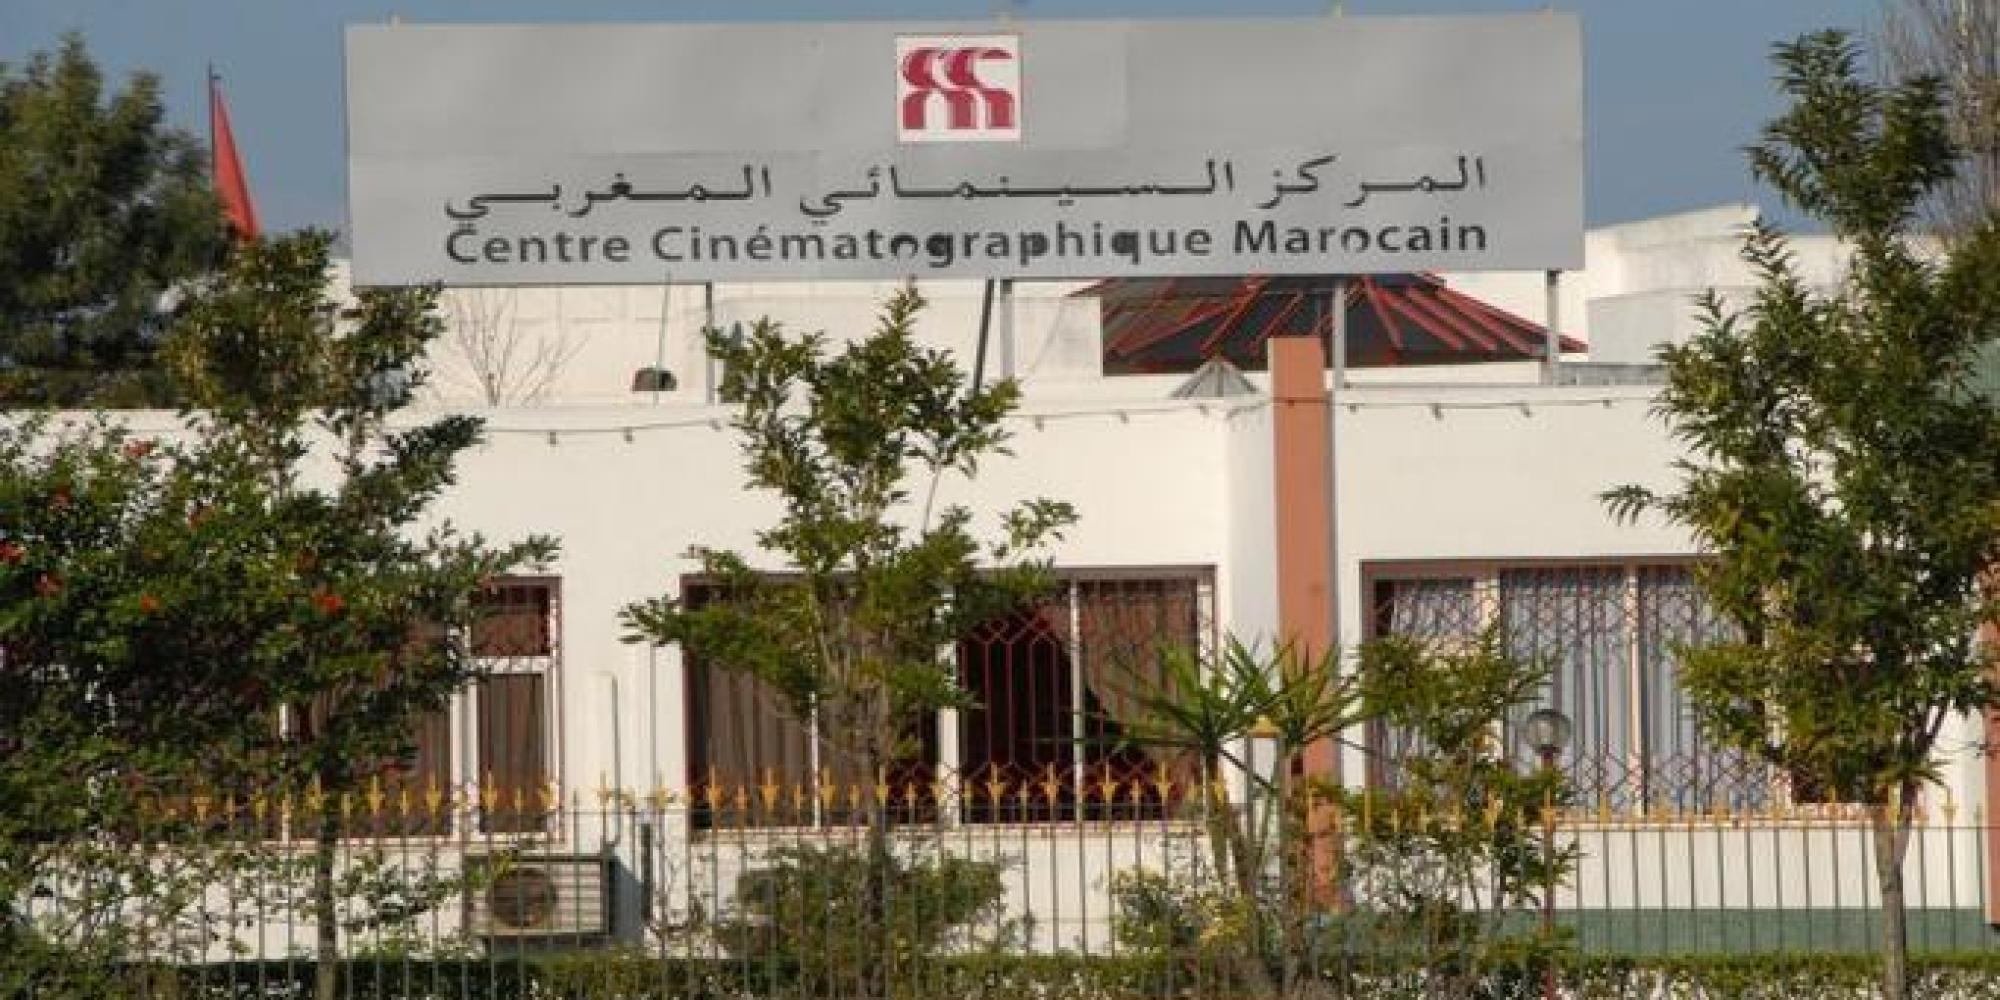 المركز السينمائي المغربي يكشف عن الحصيلة السينمائية برسم سنة 2018